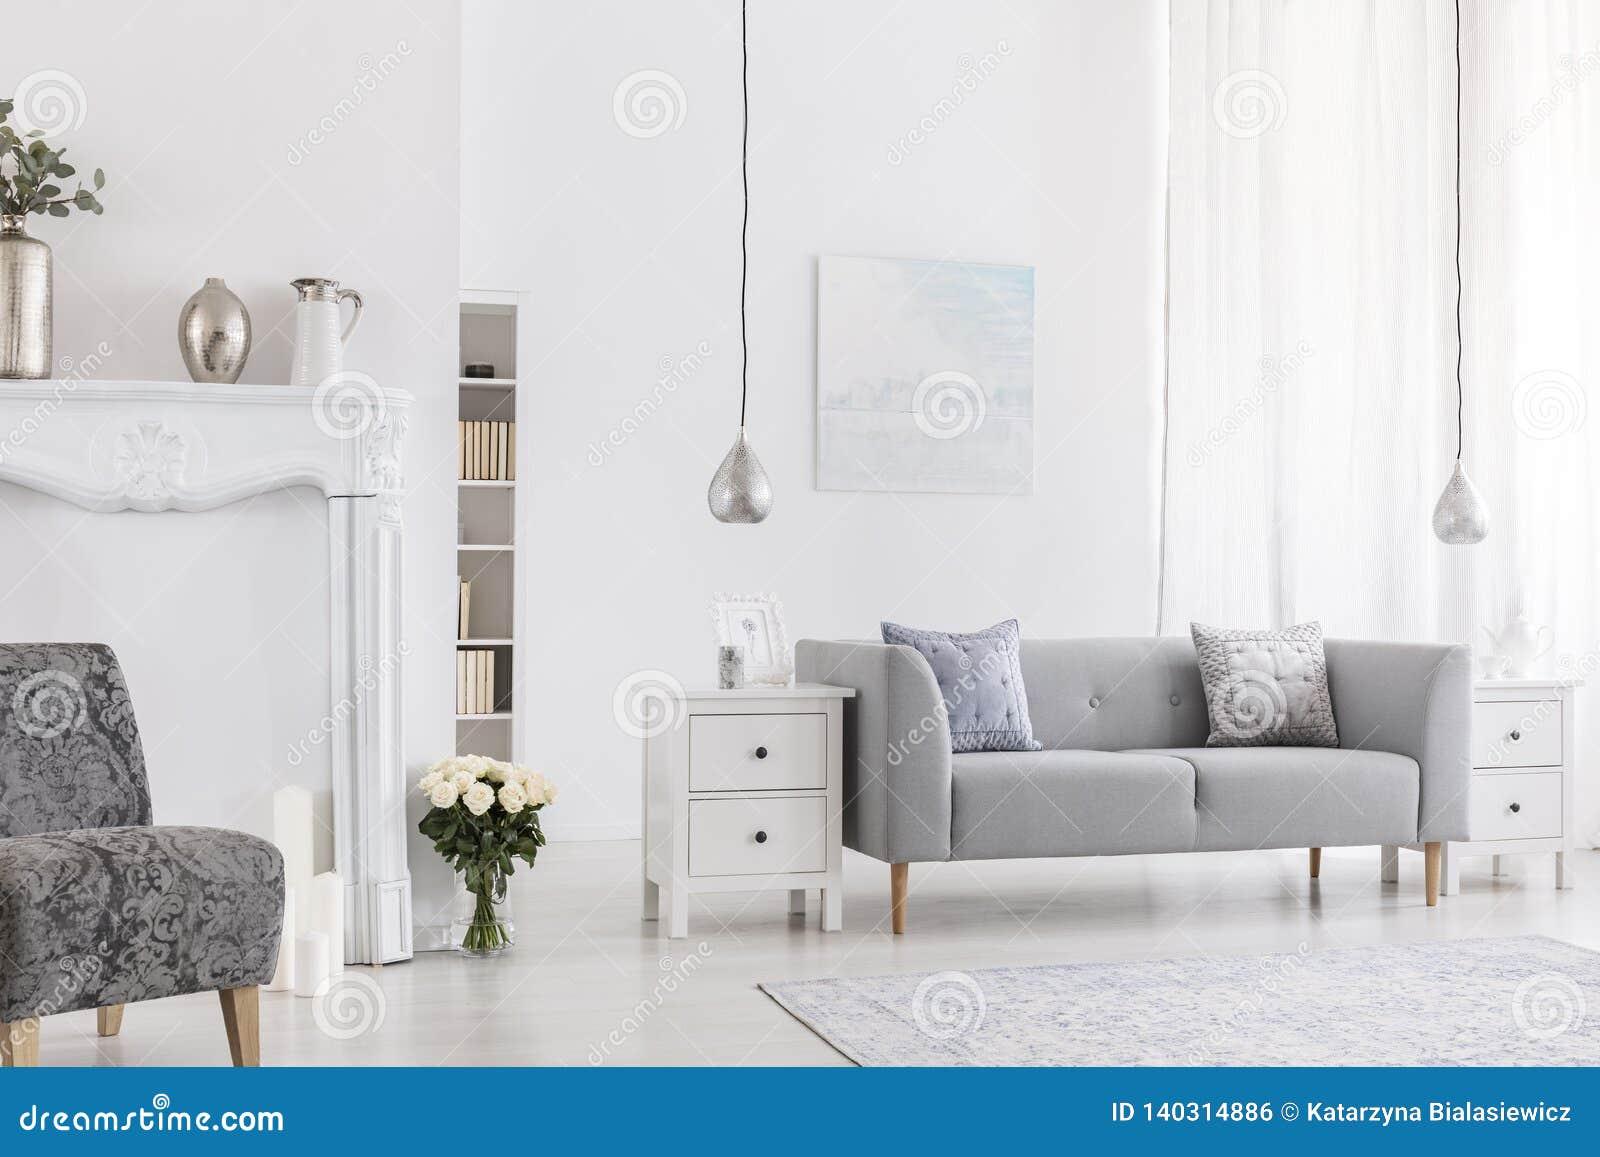 Oreillers Sur Le Canape Gris Dans Le Salon Blanc Interieur